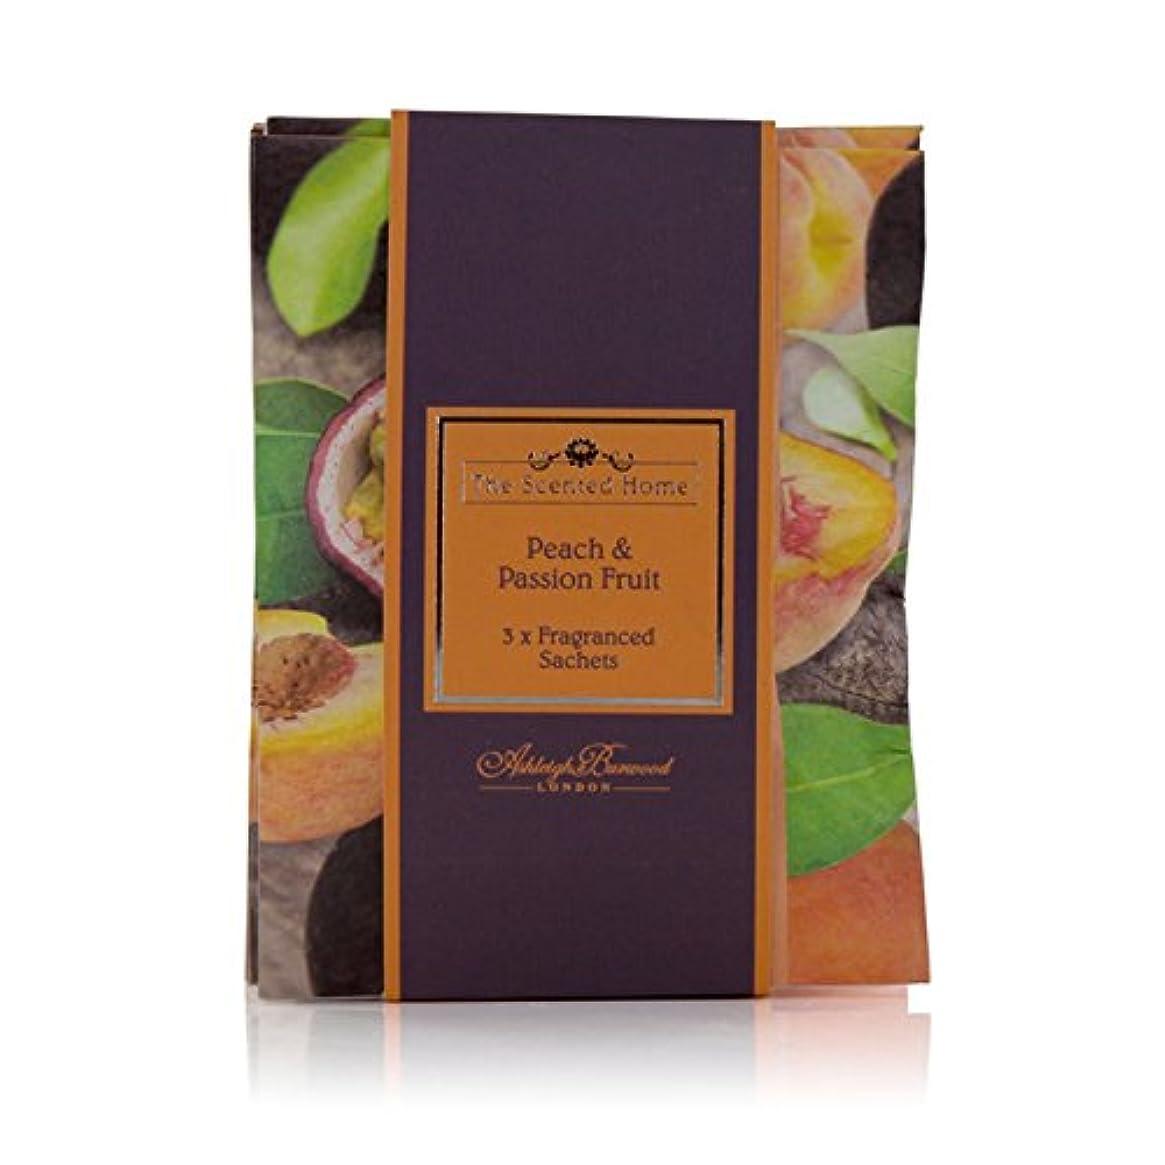 子犬カラス花瓶アシュレイ&バーウッド サシェ 3個セット フレグランスサッシェ 香り袋 (ピーチパッションフルーツ62) [並行輸入品]